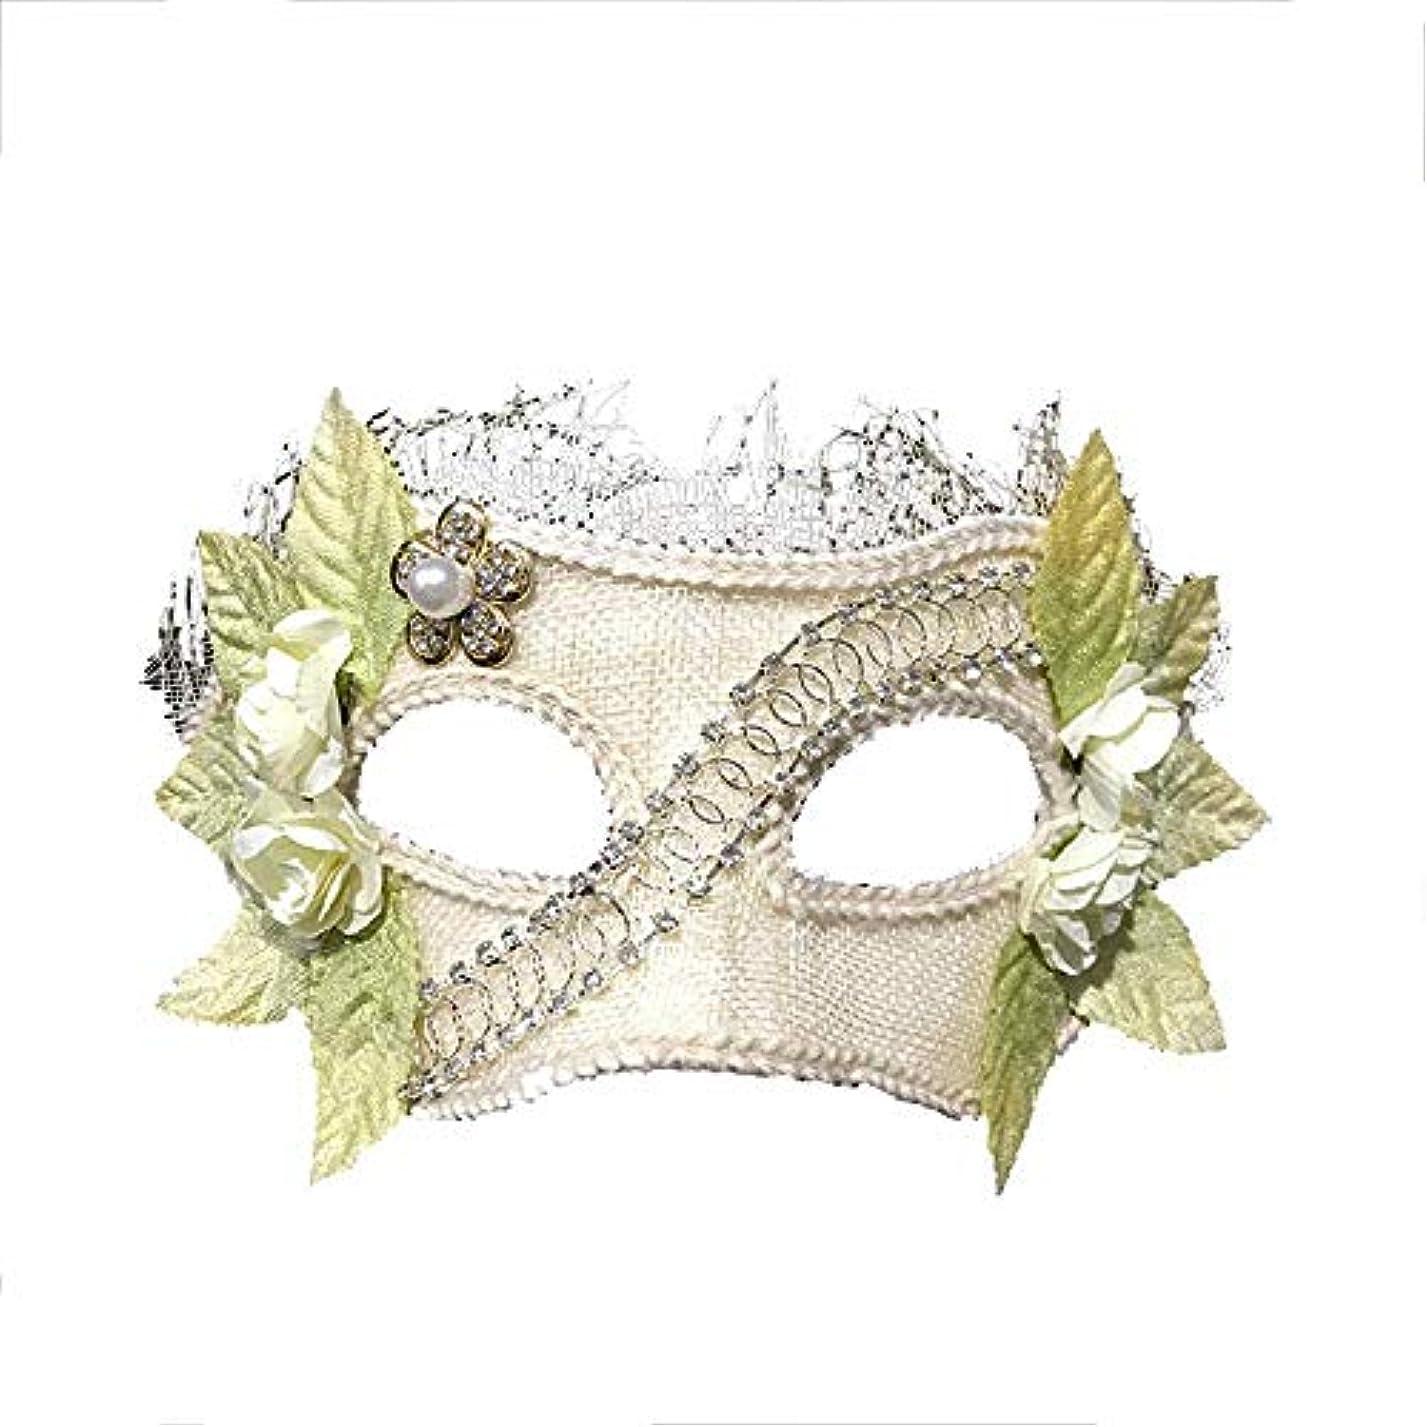 イタリック防腐剤インクNanle ハロウィンクリスマスフラワーフェザービーズマスク仮装マスクレディミスプリンセス美容祭パーティーデコレーションマスク (色 : Style A)